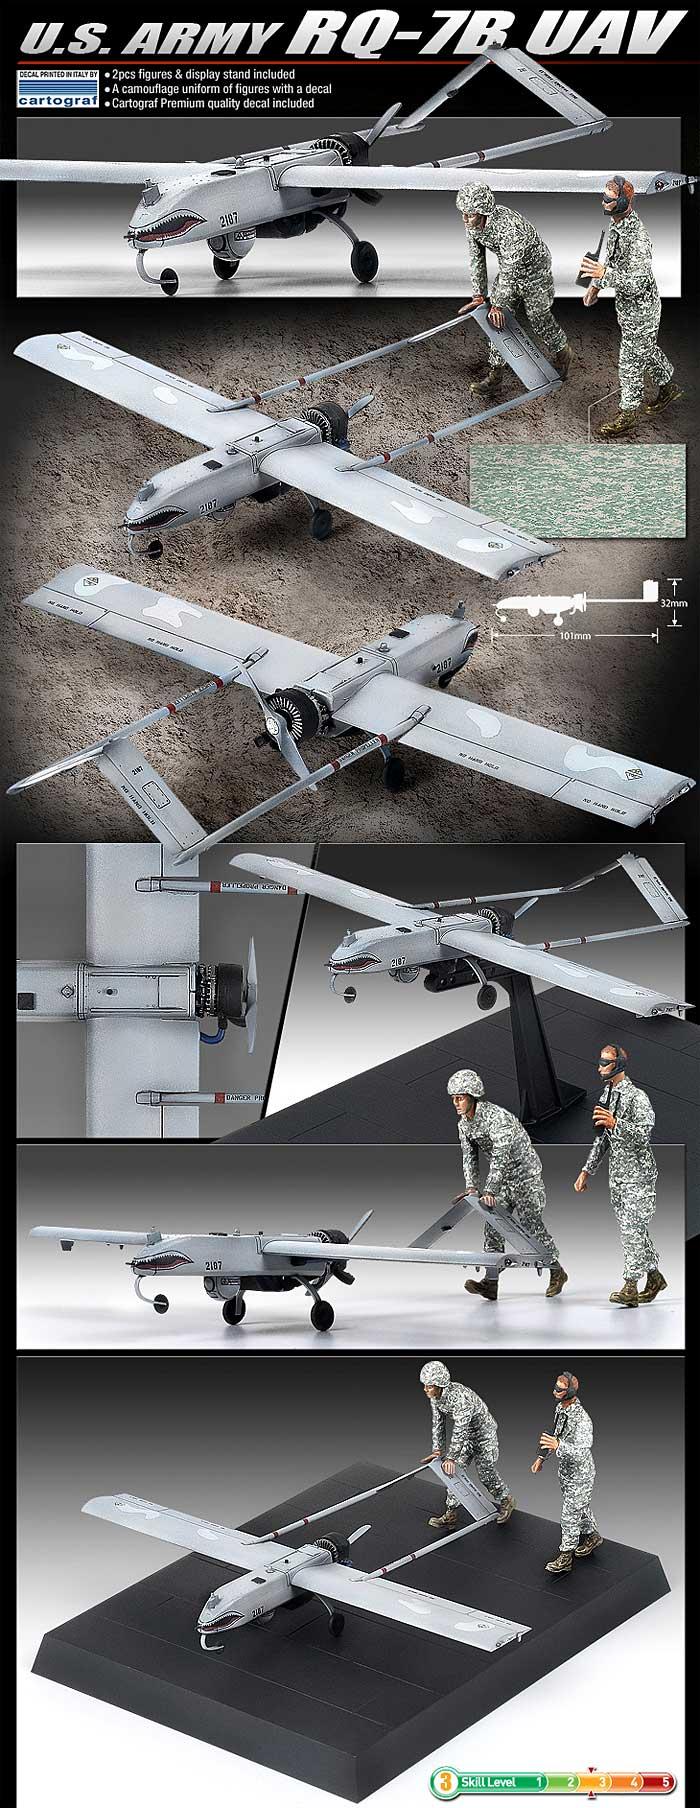 アメリカ陸軍 RQ-7B UAVプラモデル(アカデミー1/35 AircraftNo.12117)商品画像_3